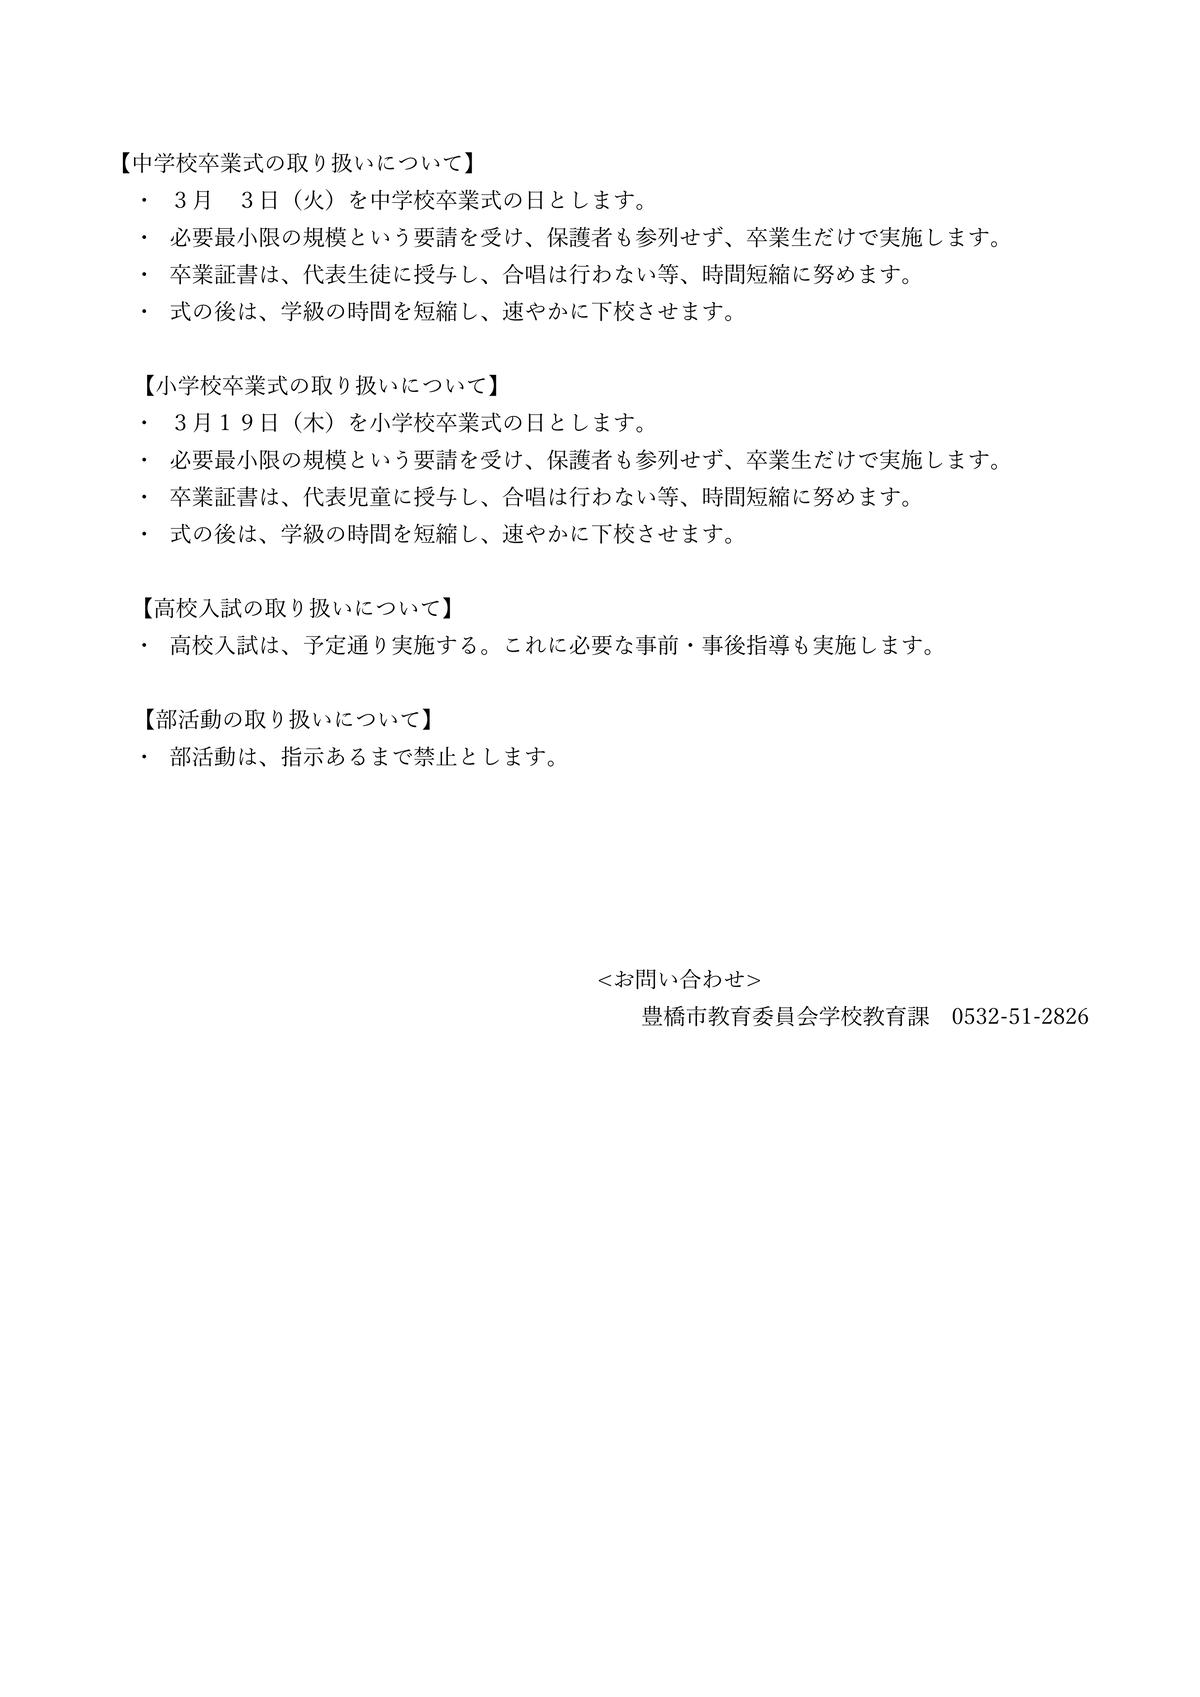 200228_yamanishi02